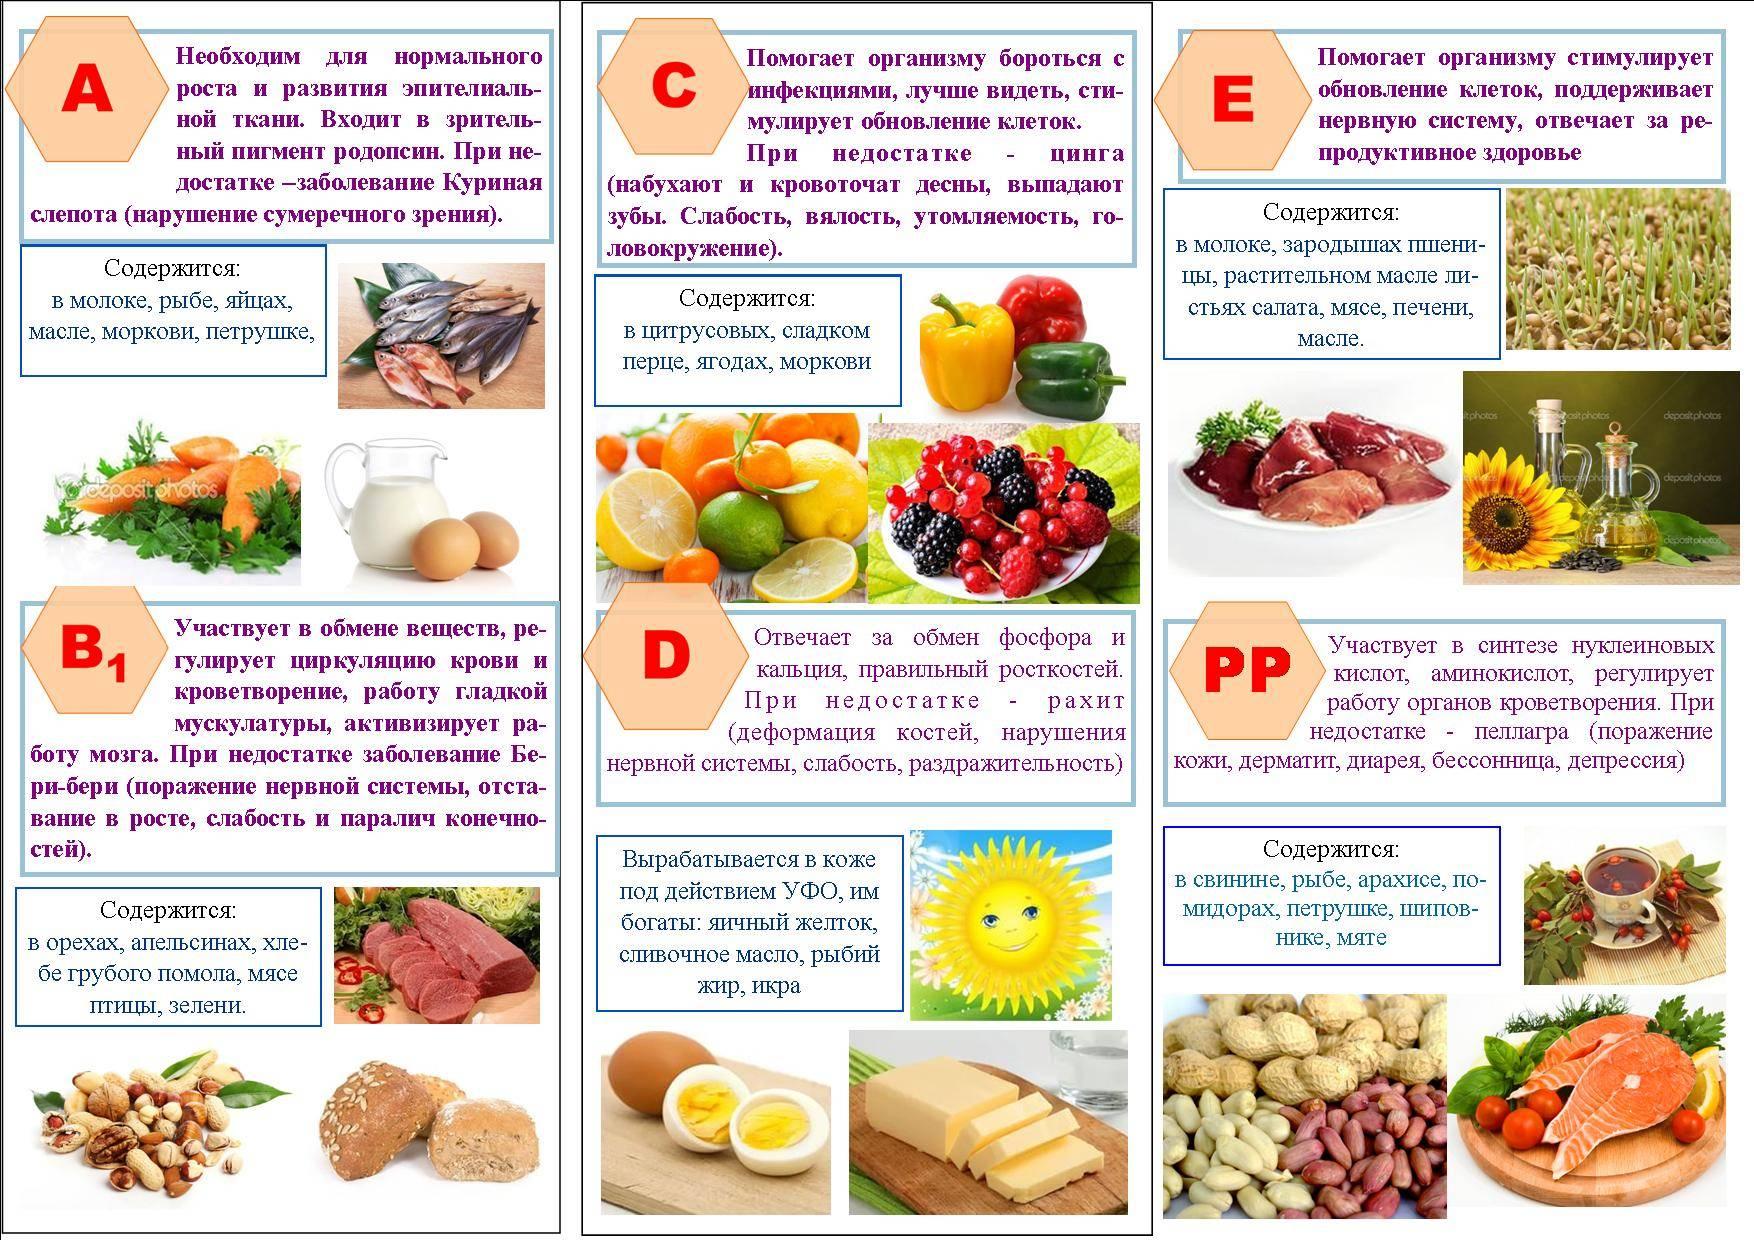 Витамины и минералы: как дать своему организму все самое необходимое - lift